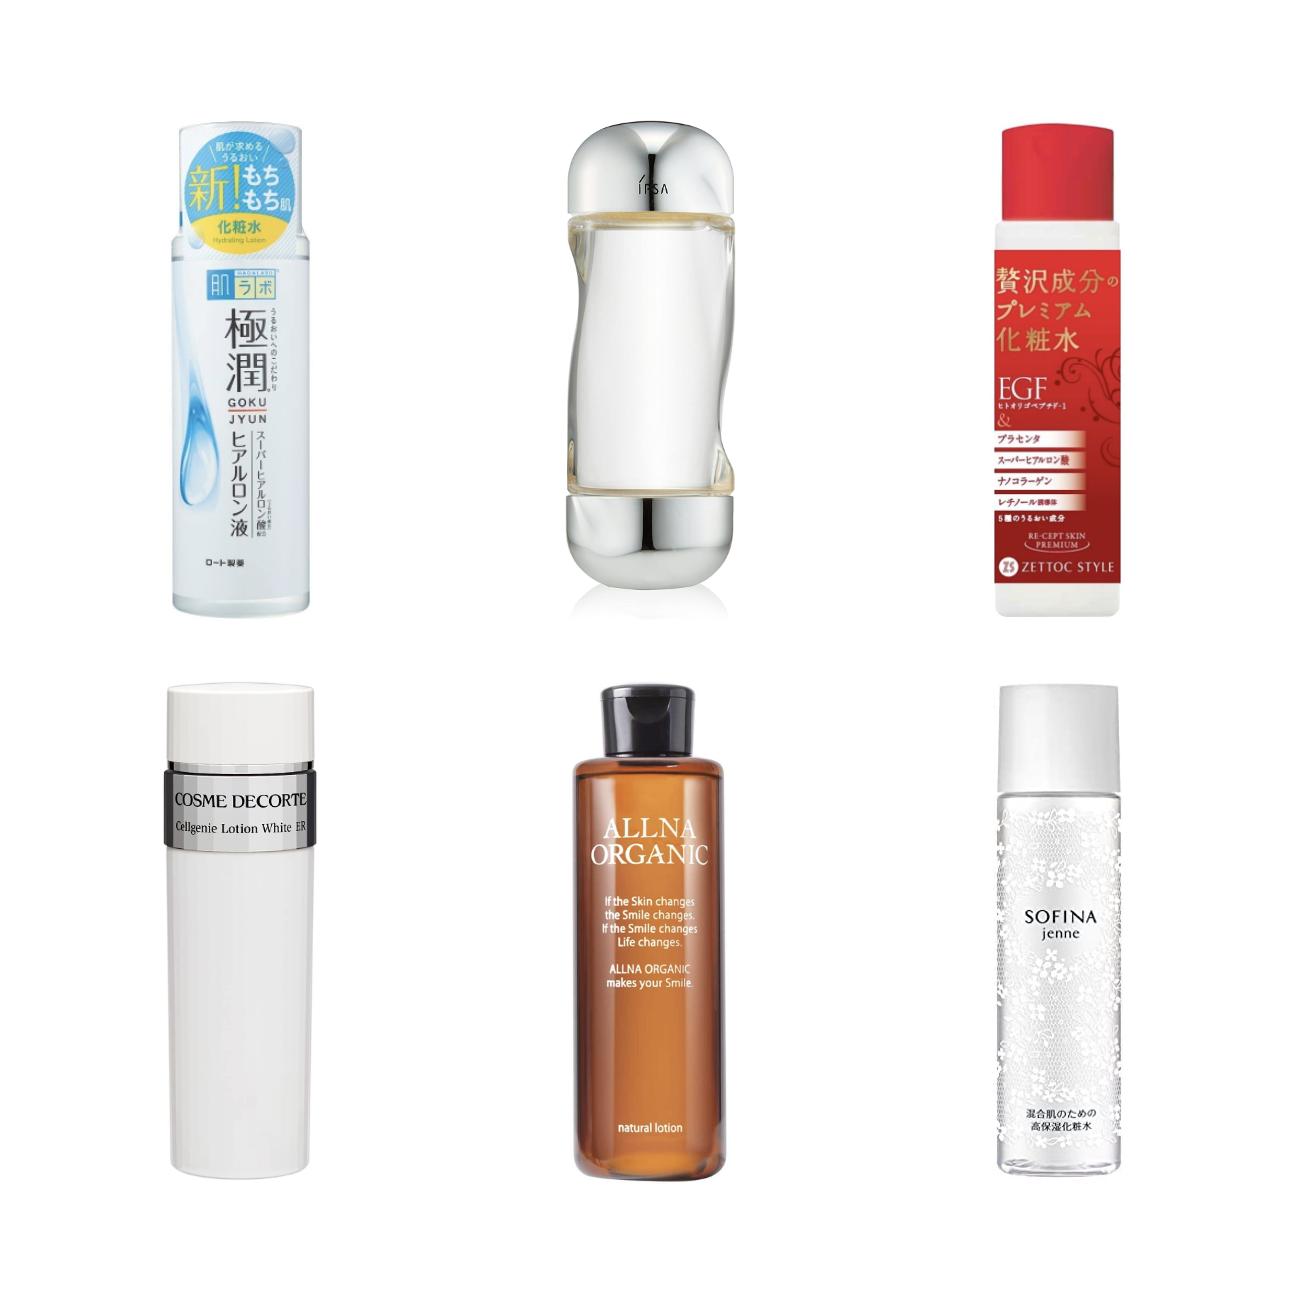 40代におすすめの化粧水人気ランキング18選!毛穴やシミにおすすめの人気アイテムを厳選